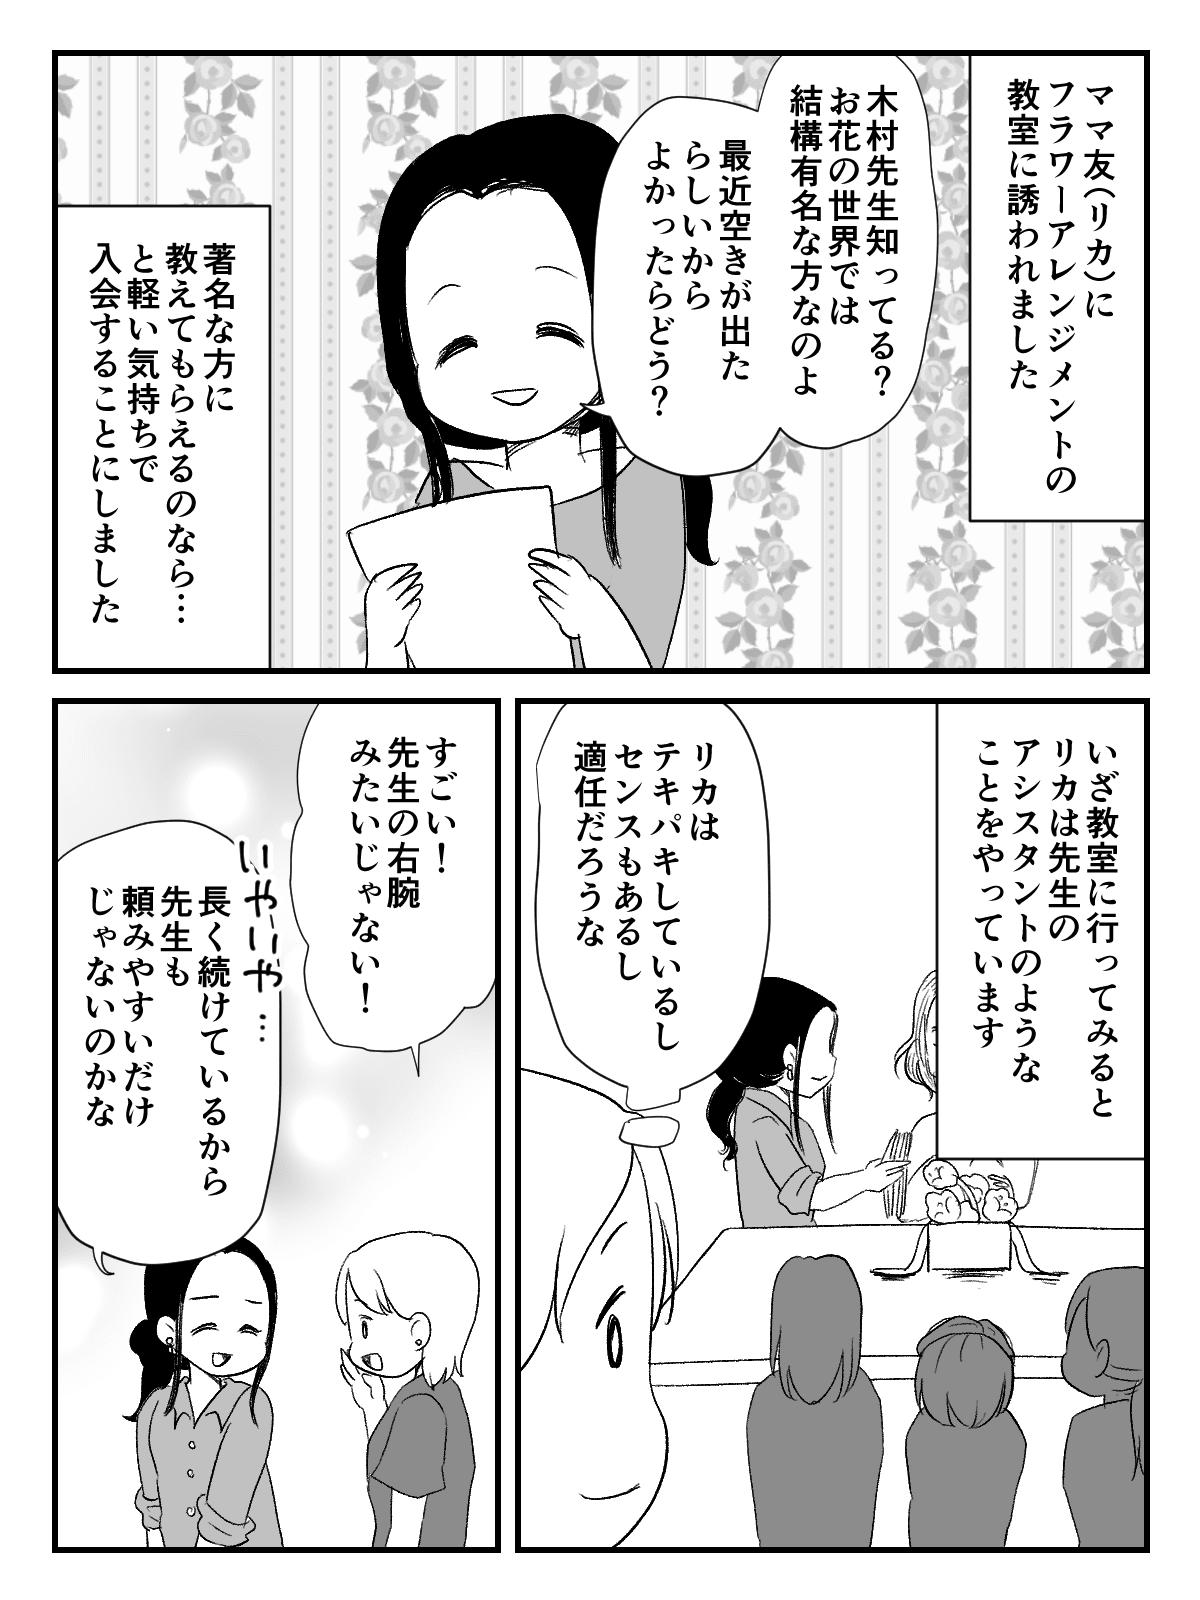 インフルエンサーな_出力_001